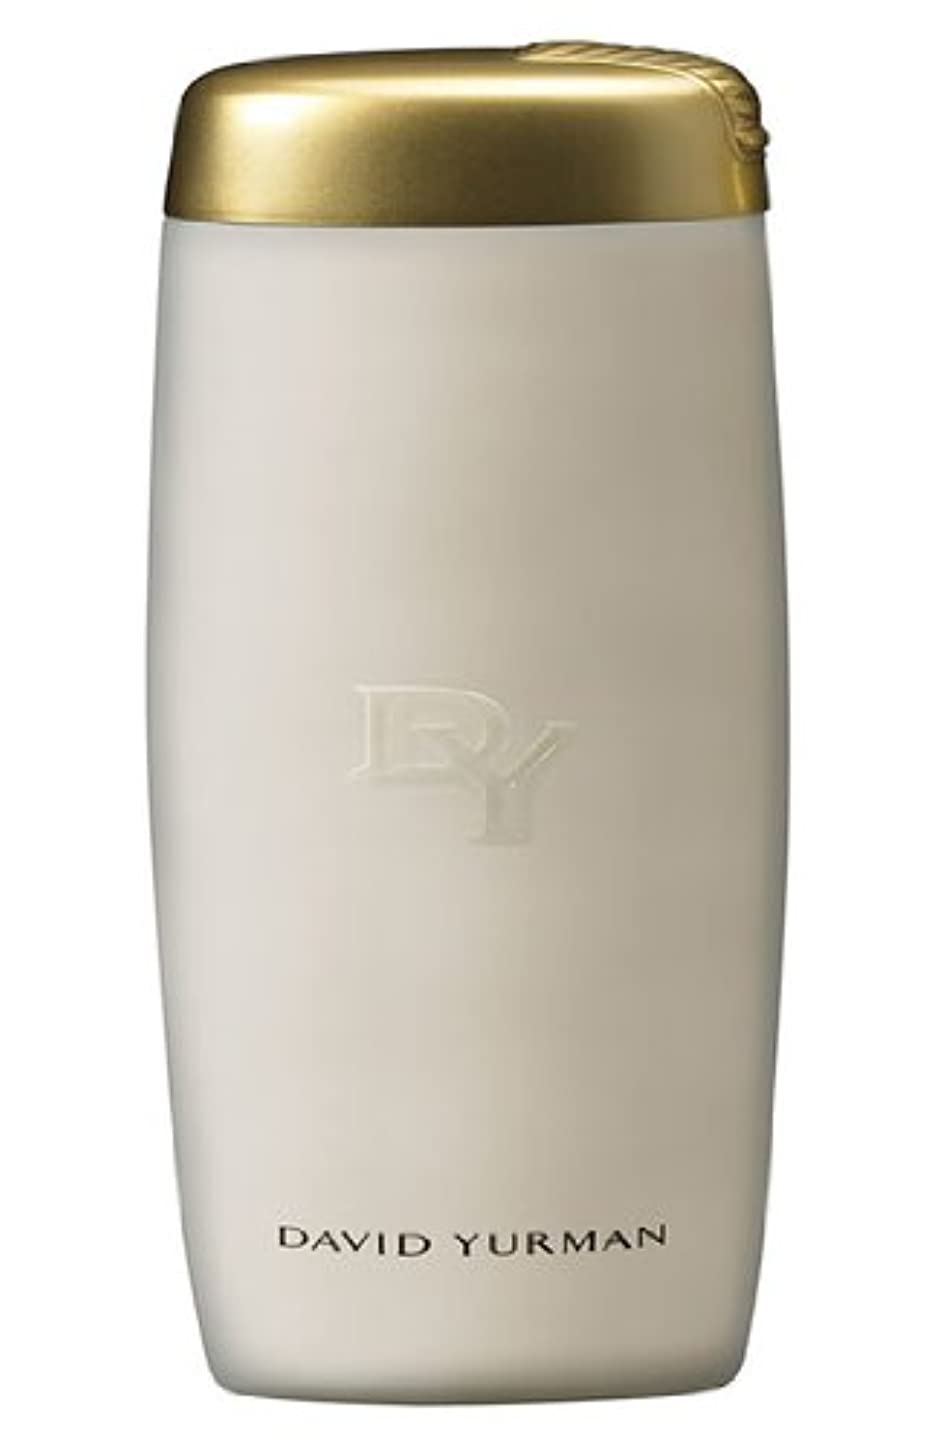 ヒット棚民主党David Yurman (デイビッド ヤーマン) 6.7 oz (100ml) Luxurious Bath & Shower Gel (箱なし) for Women